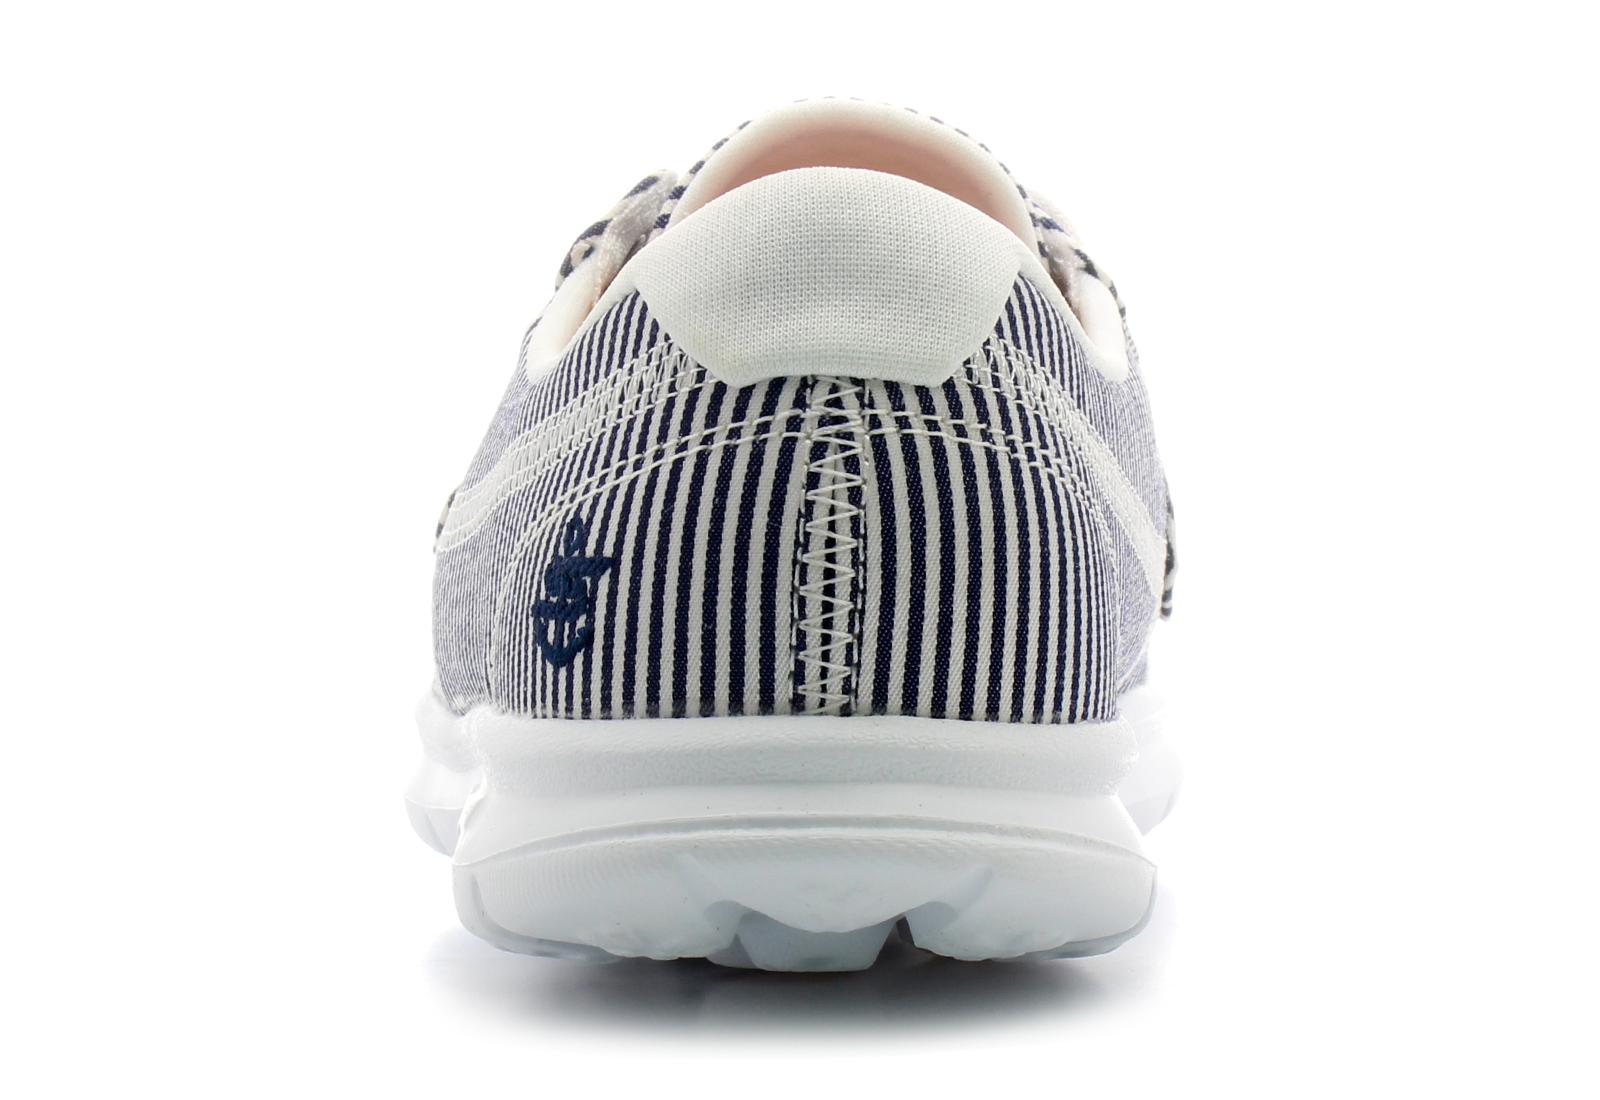 6e54d216e08dc Skechers Topánky - Sandy - 14419-nvw - Tenisky, Topánky, Čižmy ...